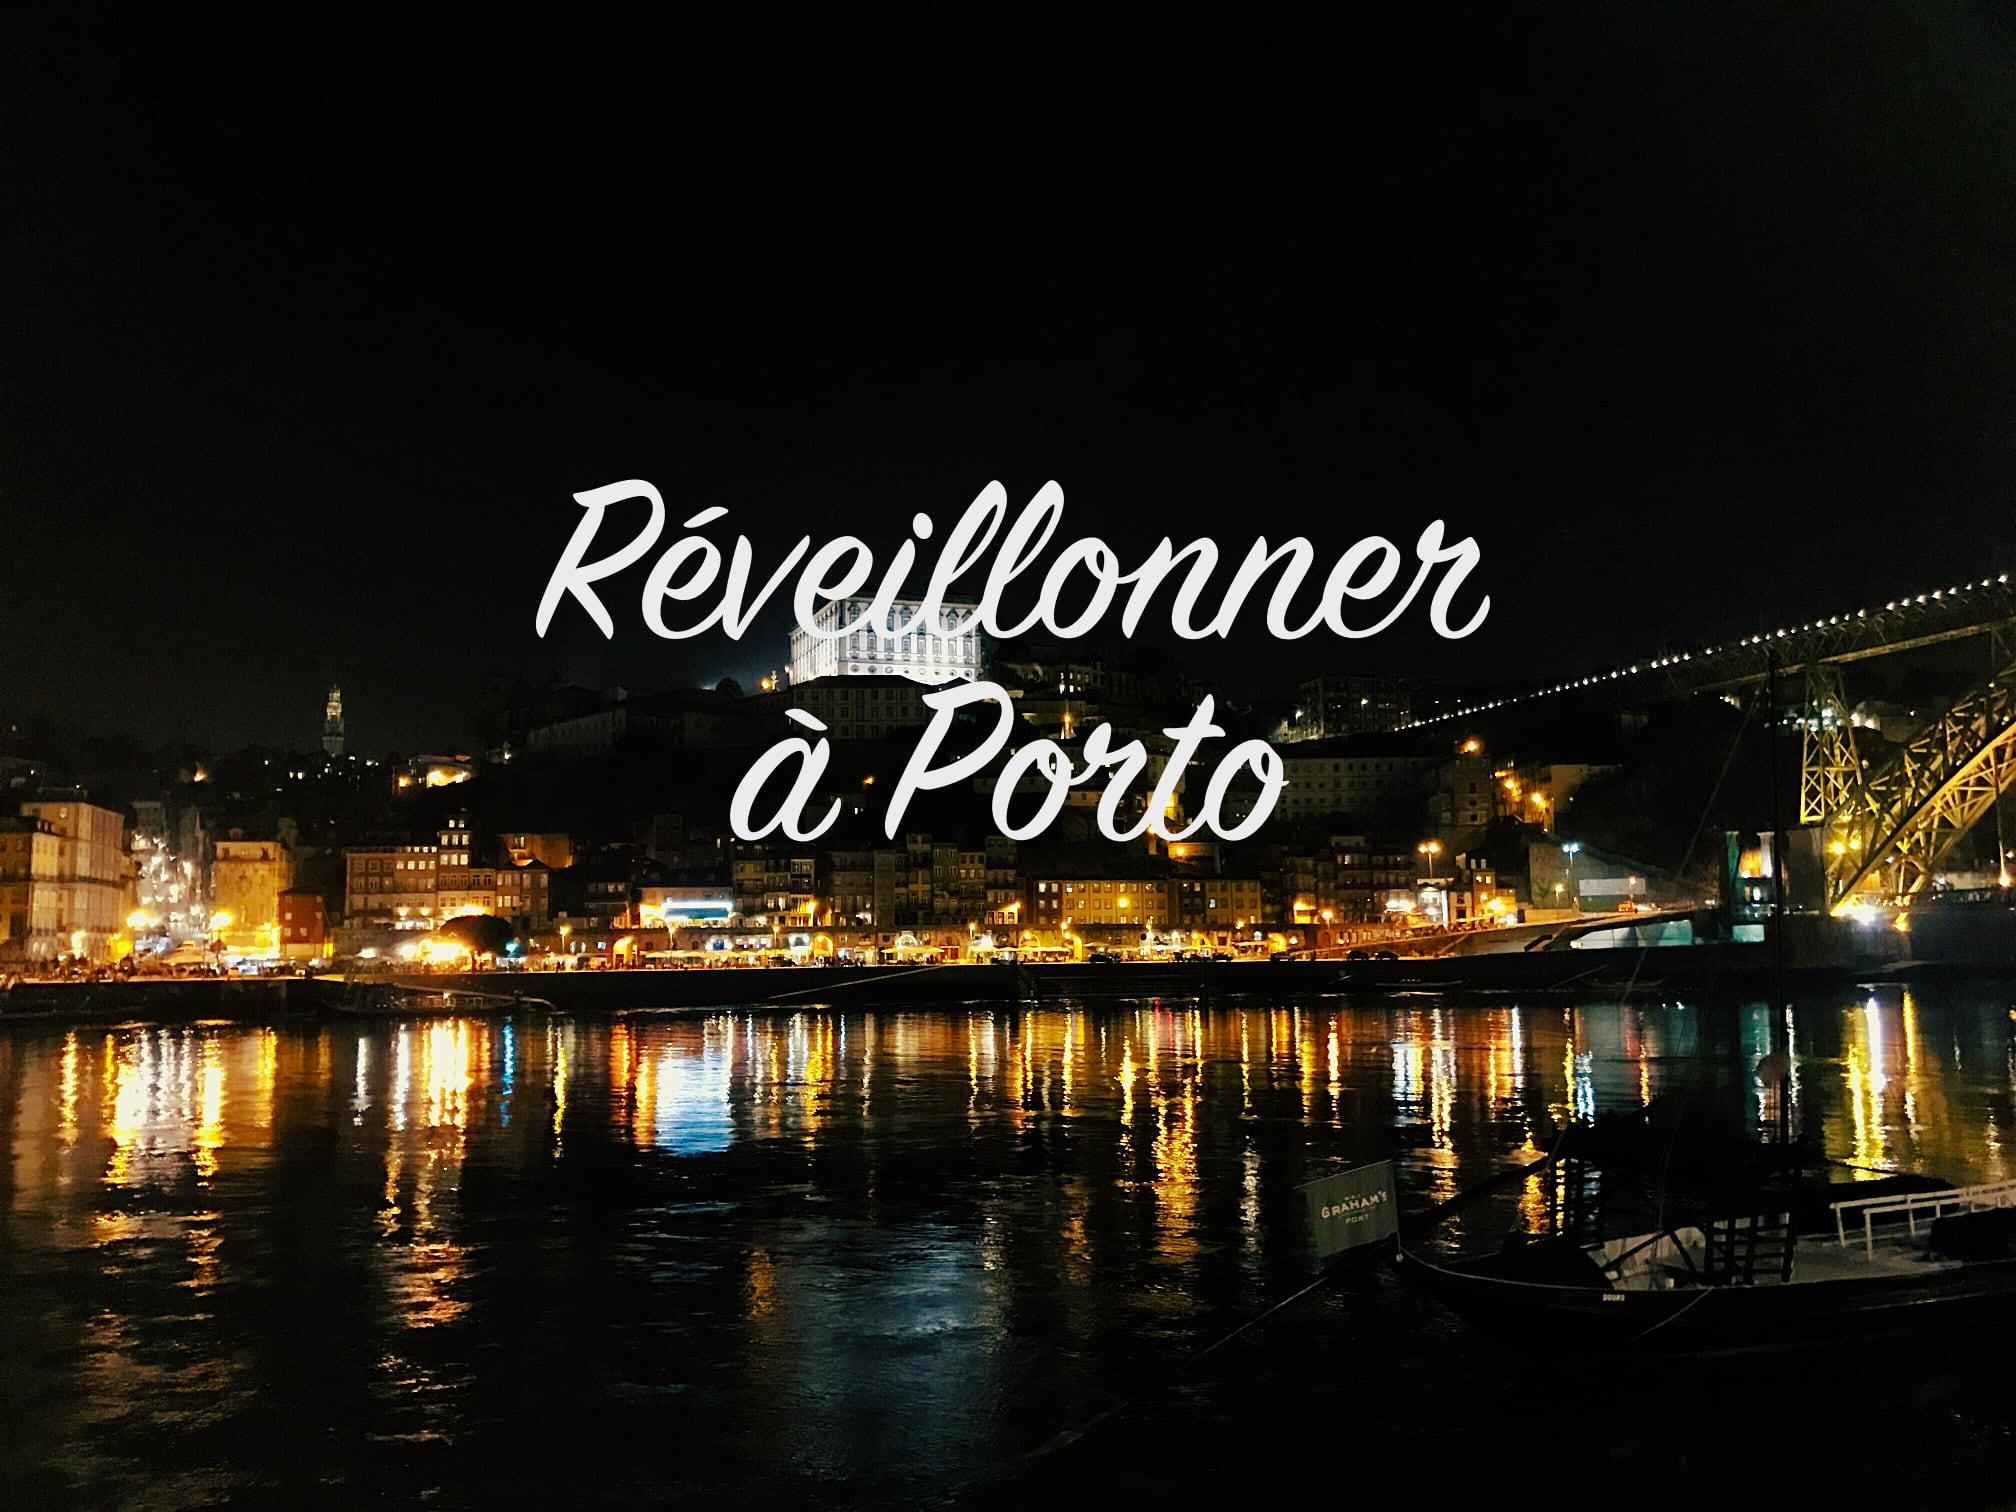 Bien réveillonner à Porto